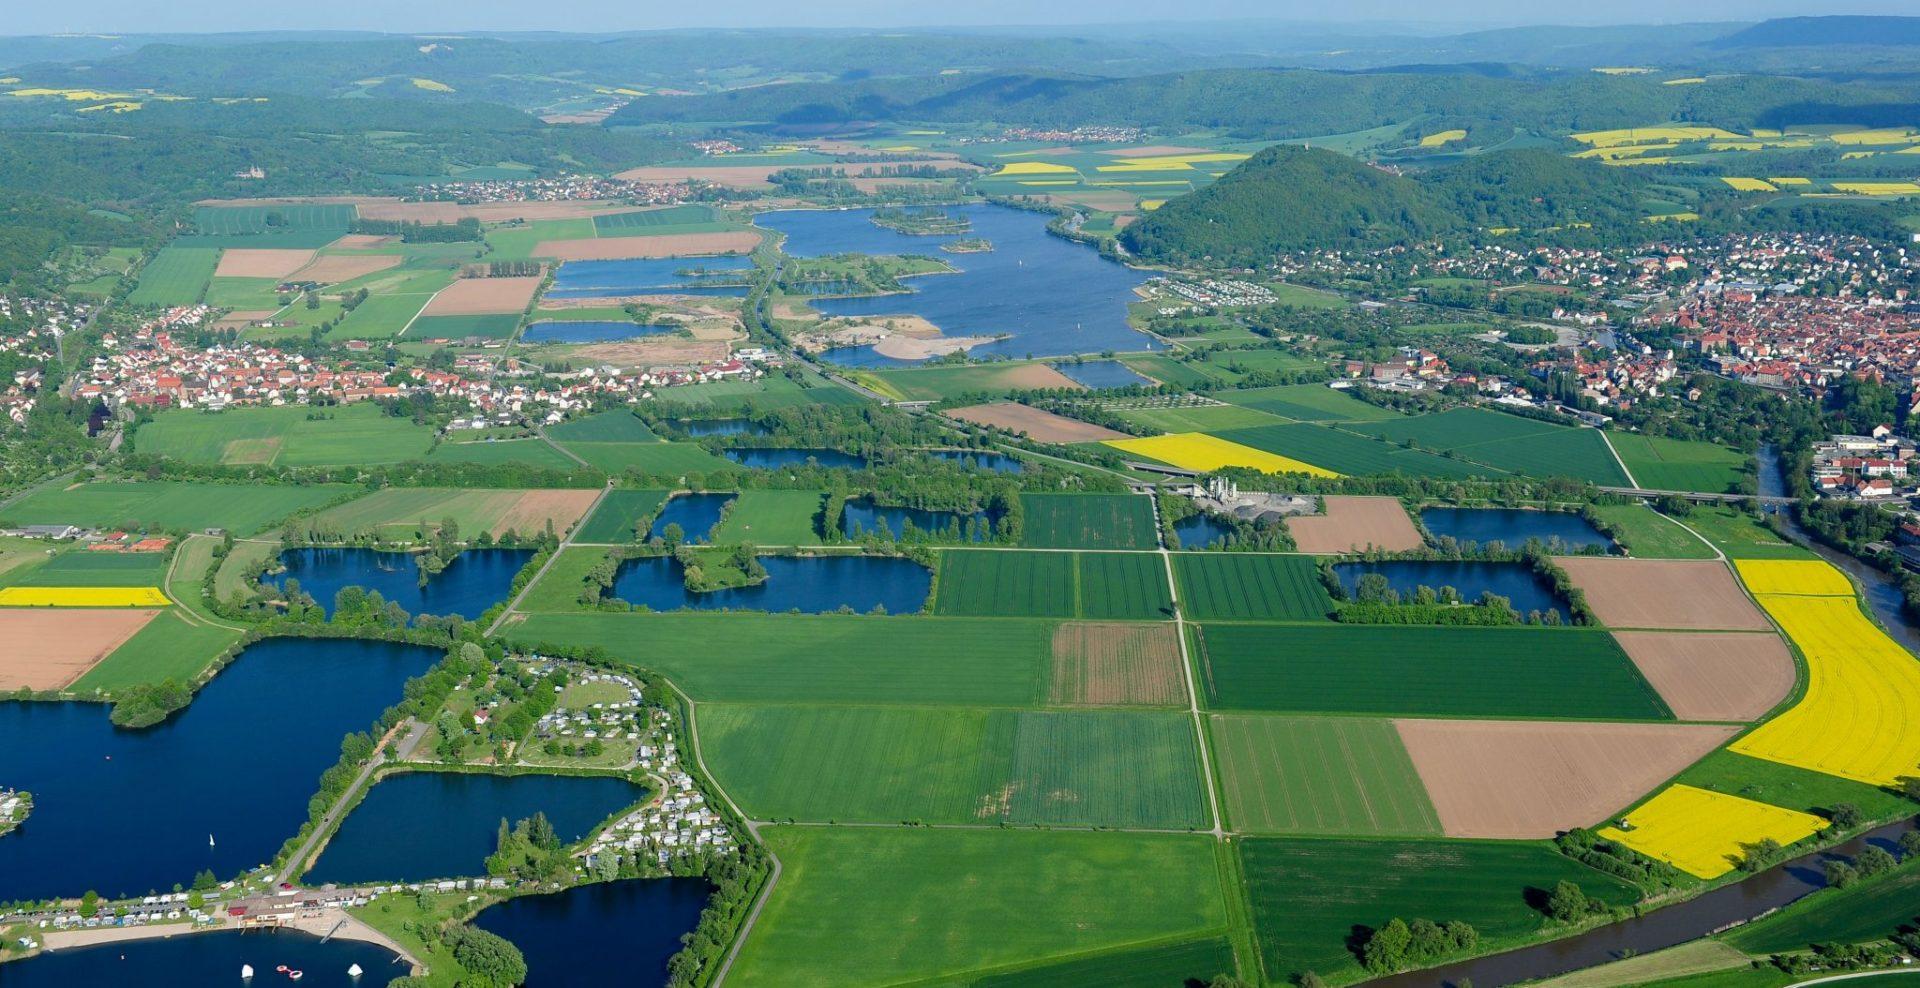 Luftbild Meinhardsee und Werratalsee